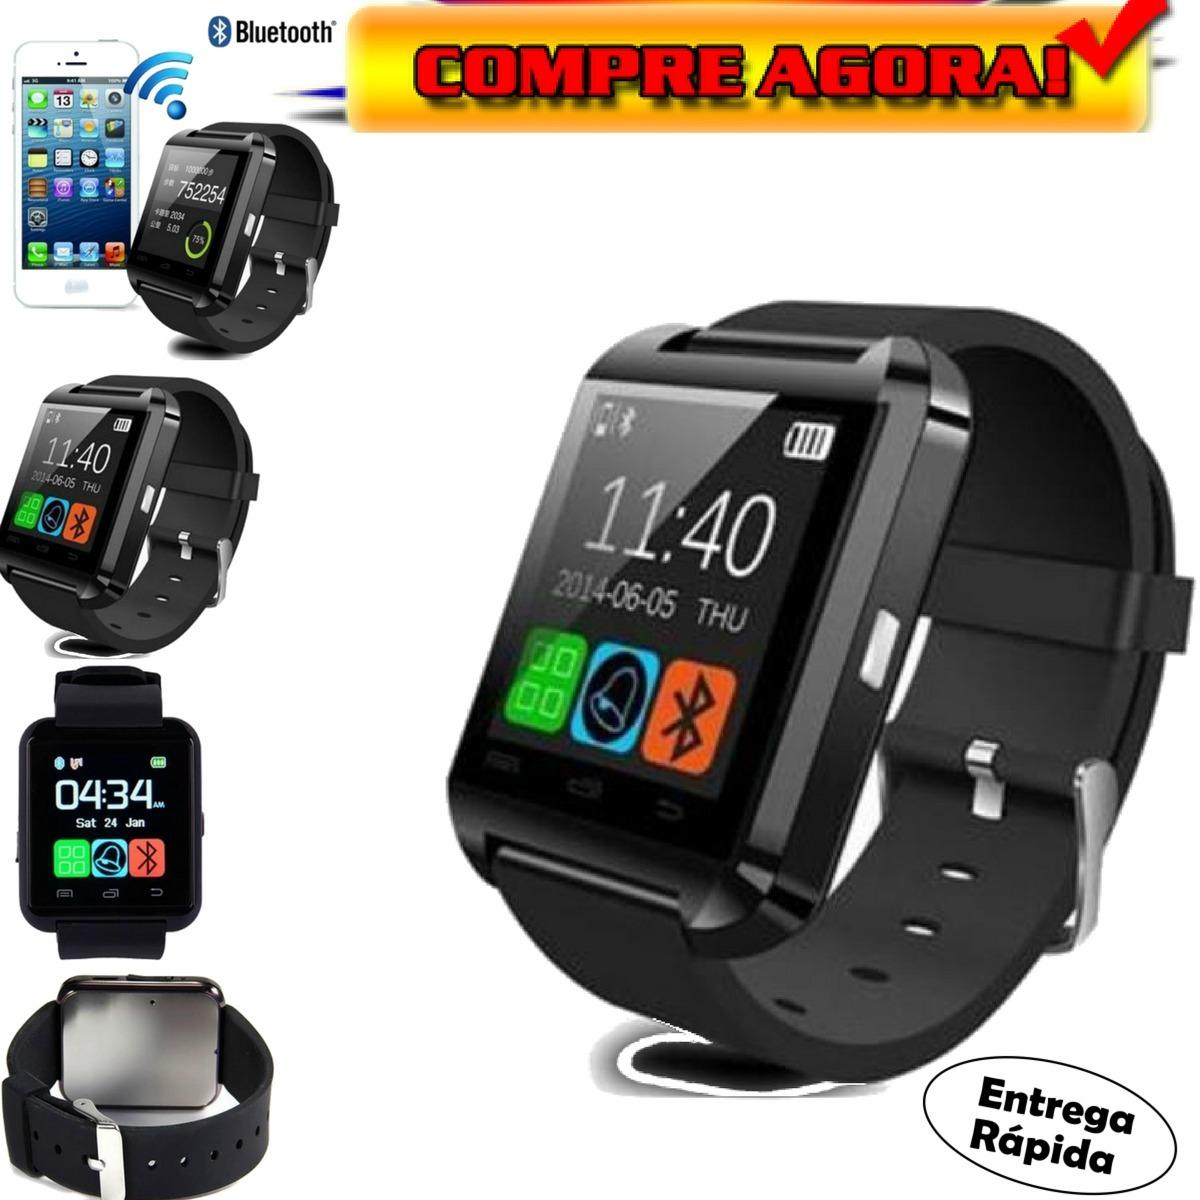 95901642b2a7c relógio masculino barato bluetooth android iphone- promoção. Carregando  zoom.